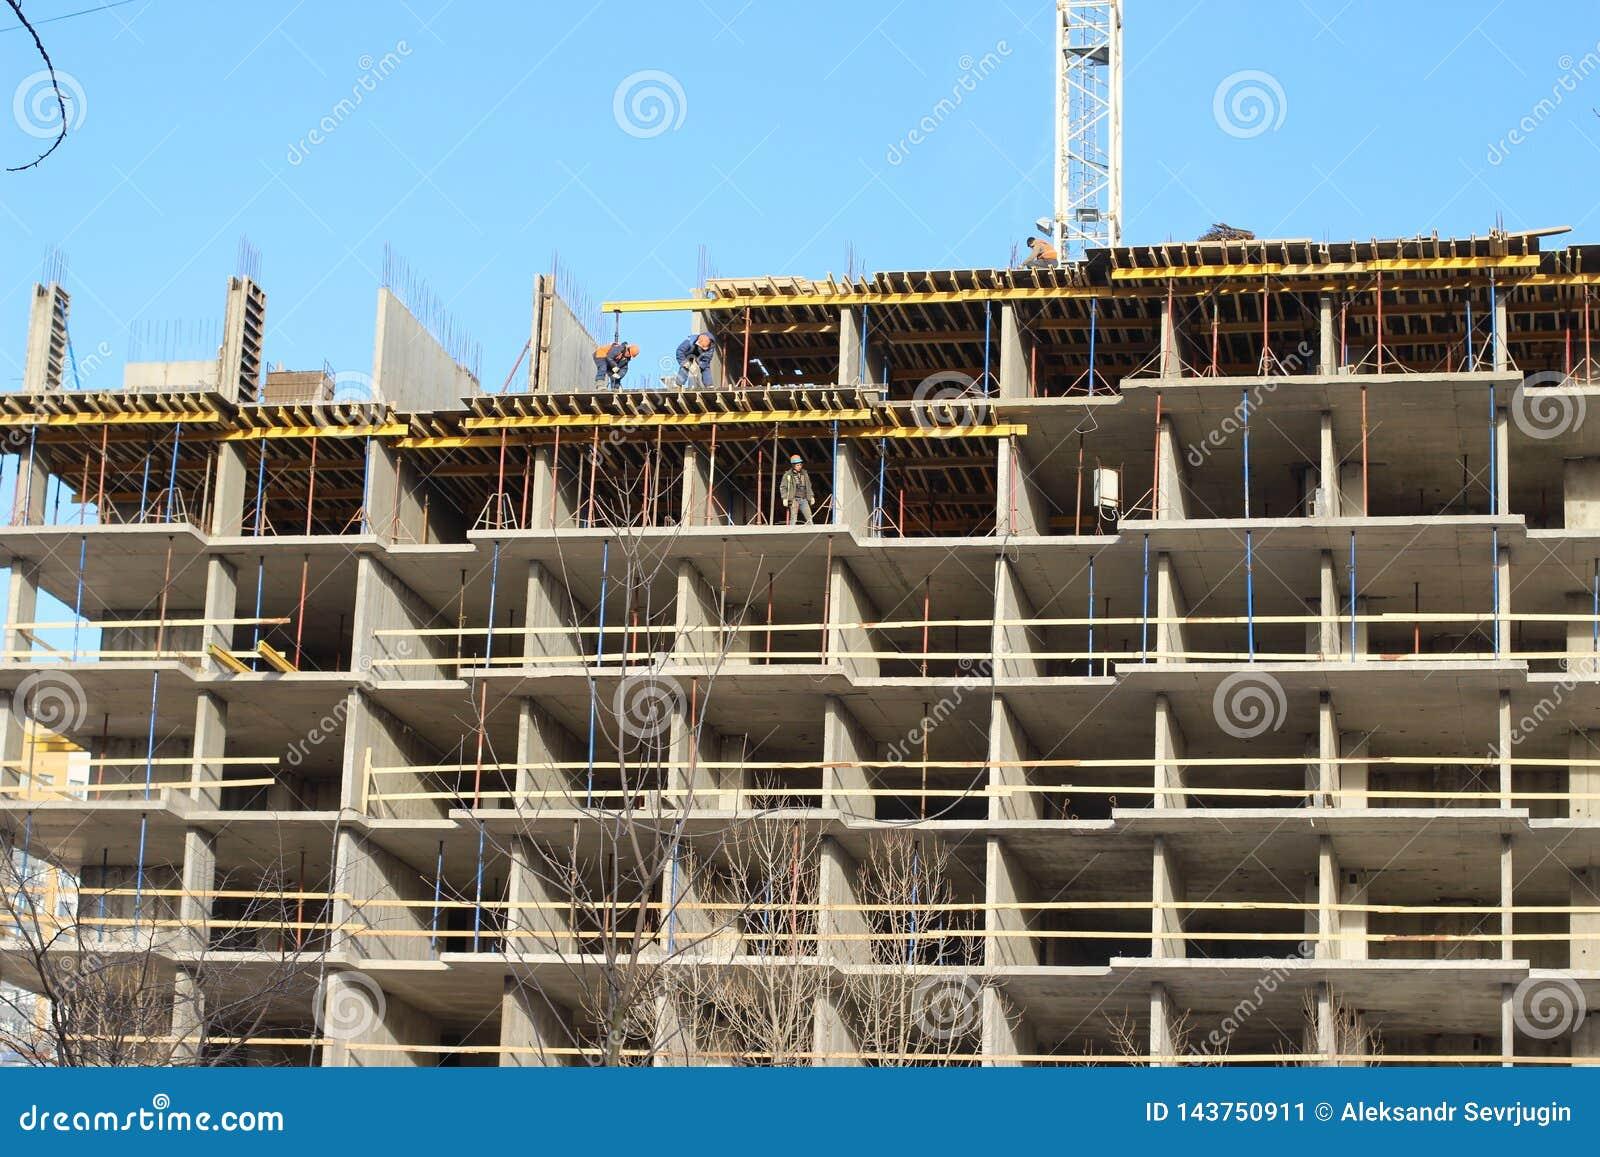 Серии строительной площадки башни с кранами и здания с предпосылкой голубого неба